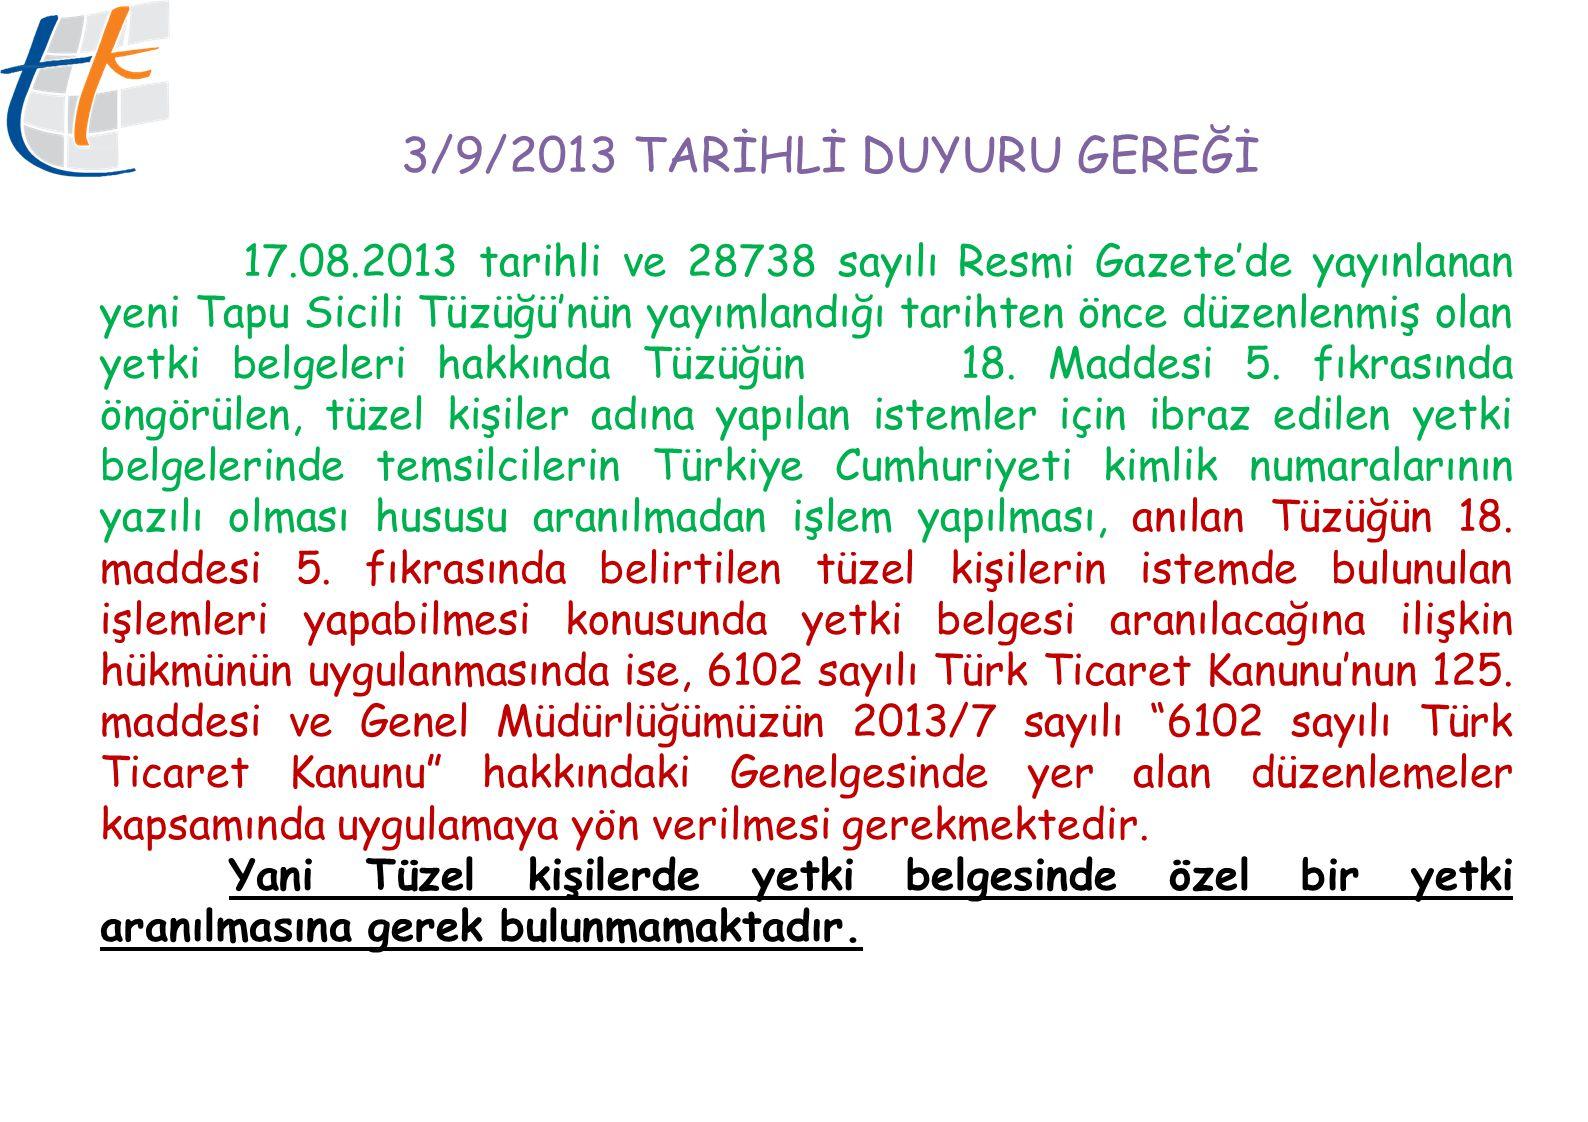 3/9/2013 TARİHLİ DUYURU GEREĞİ 17.08.2013 tarihli ve 28738 sayılı Resmi Gazete'de yayınlanan yeni Tapu Sicili Tüzüğü'nün yayımlandığı tarihten önce dü